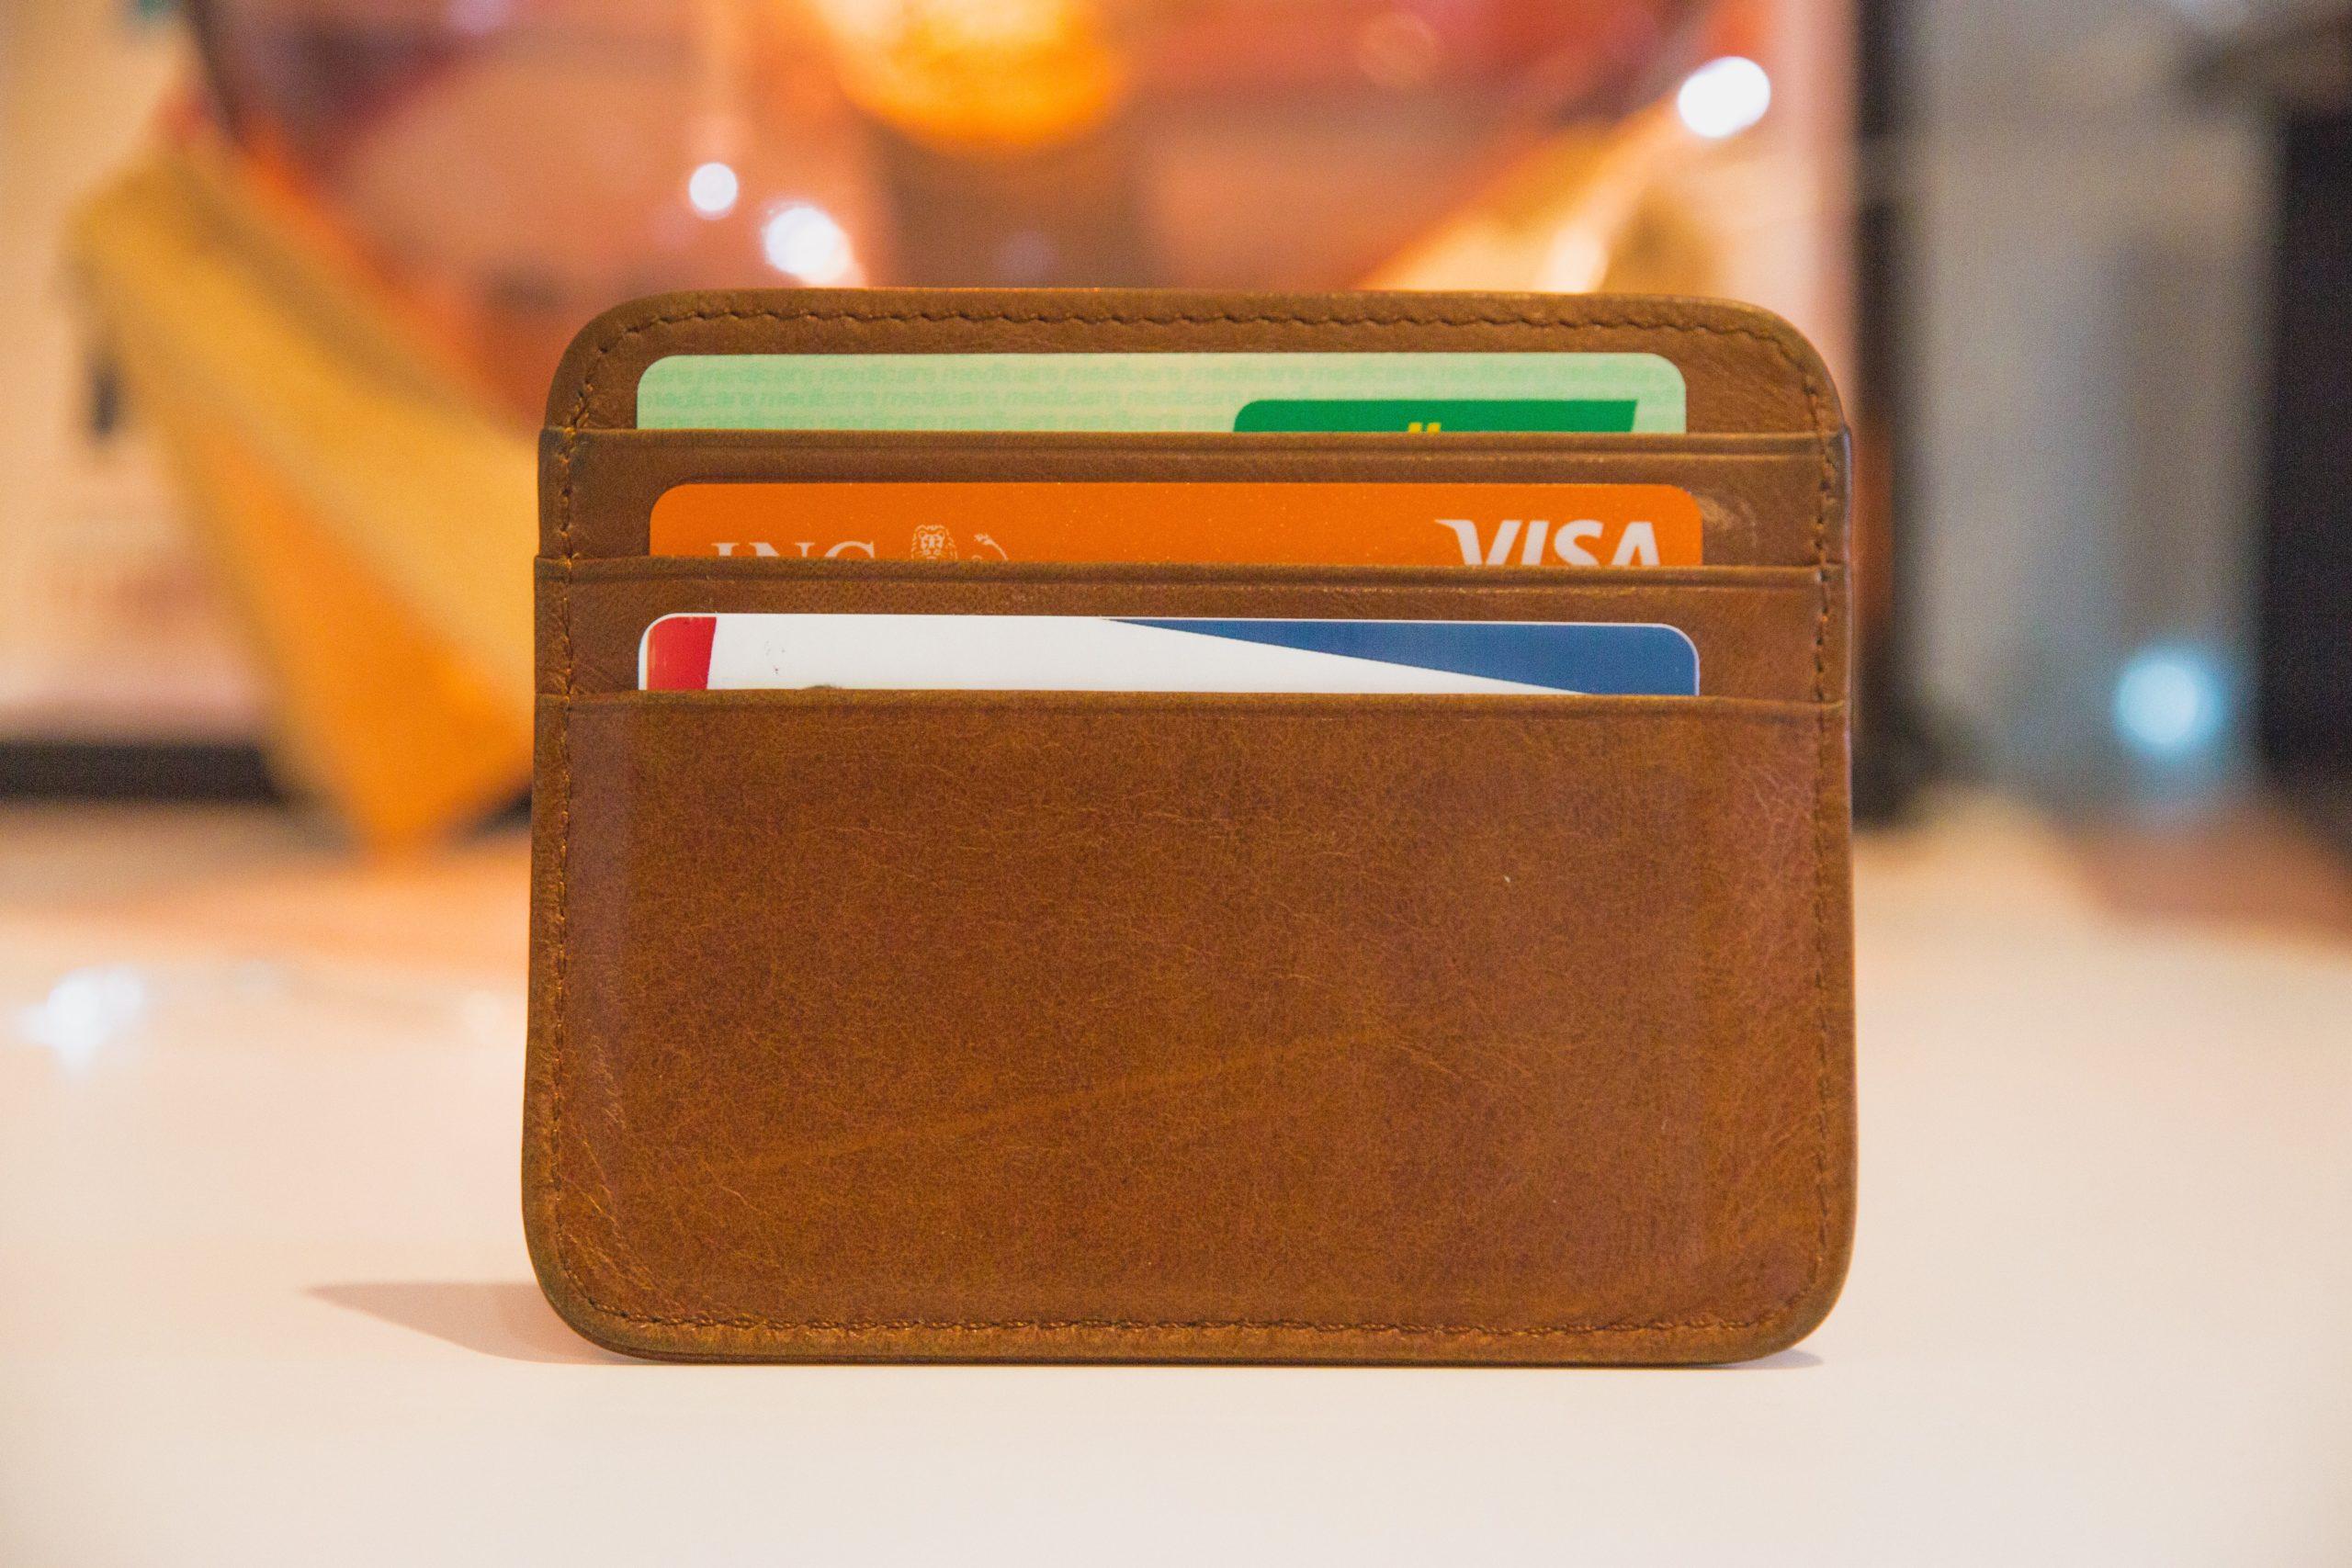 海外で使えるクレジットカードのおすすめは?【最強の三刀流教えます】